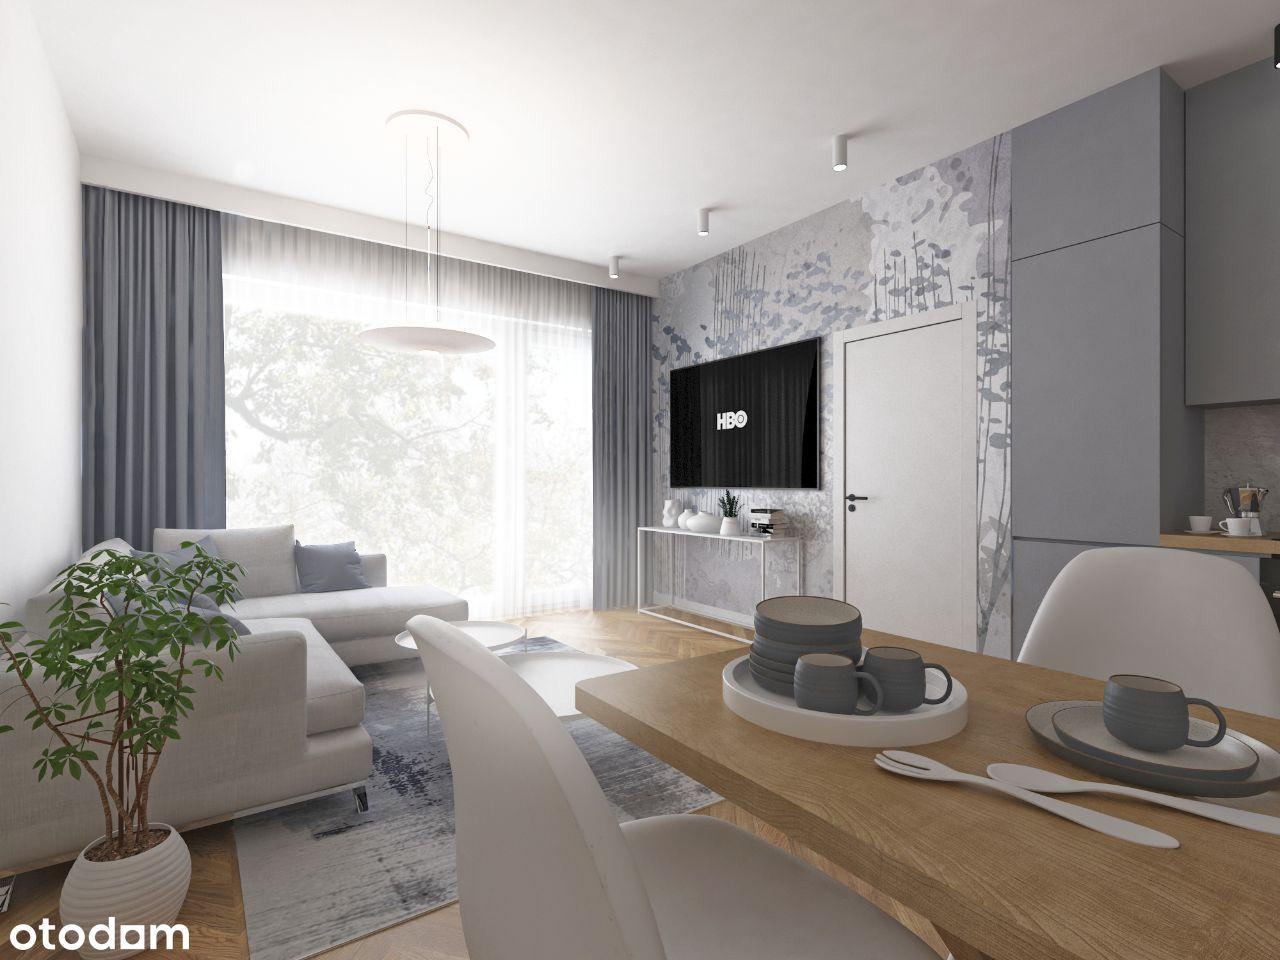 Apartament 2-pokojowy 52,21 m2 z balkonem